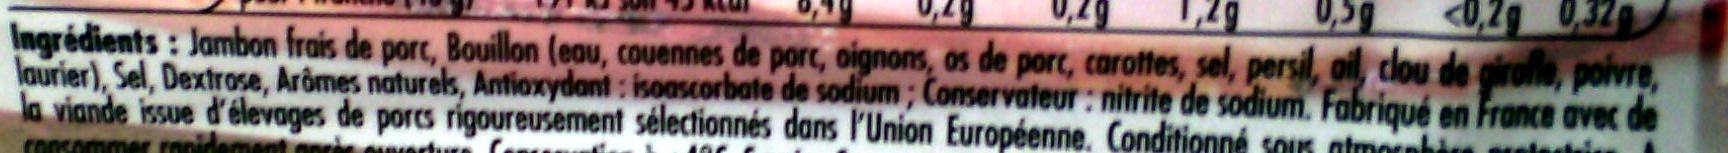 Tendre Noix, à la Broche (6 Tranches) - Ingredients